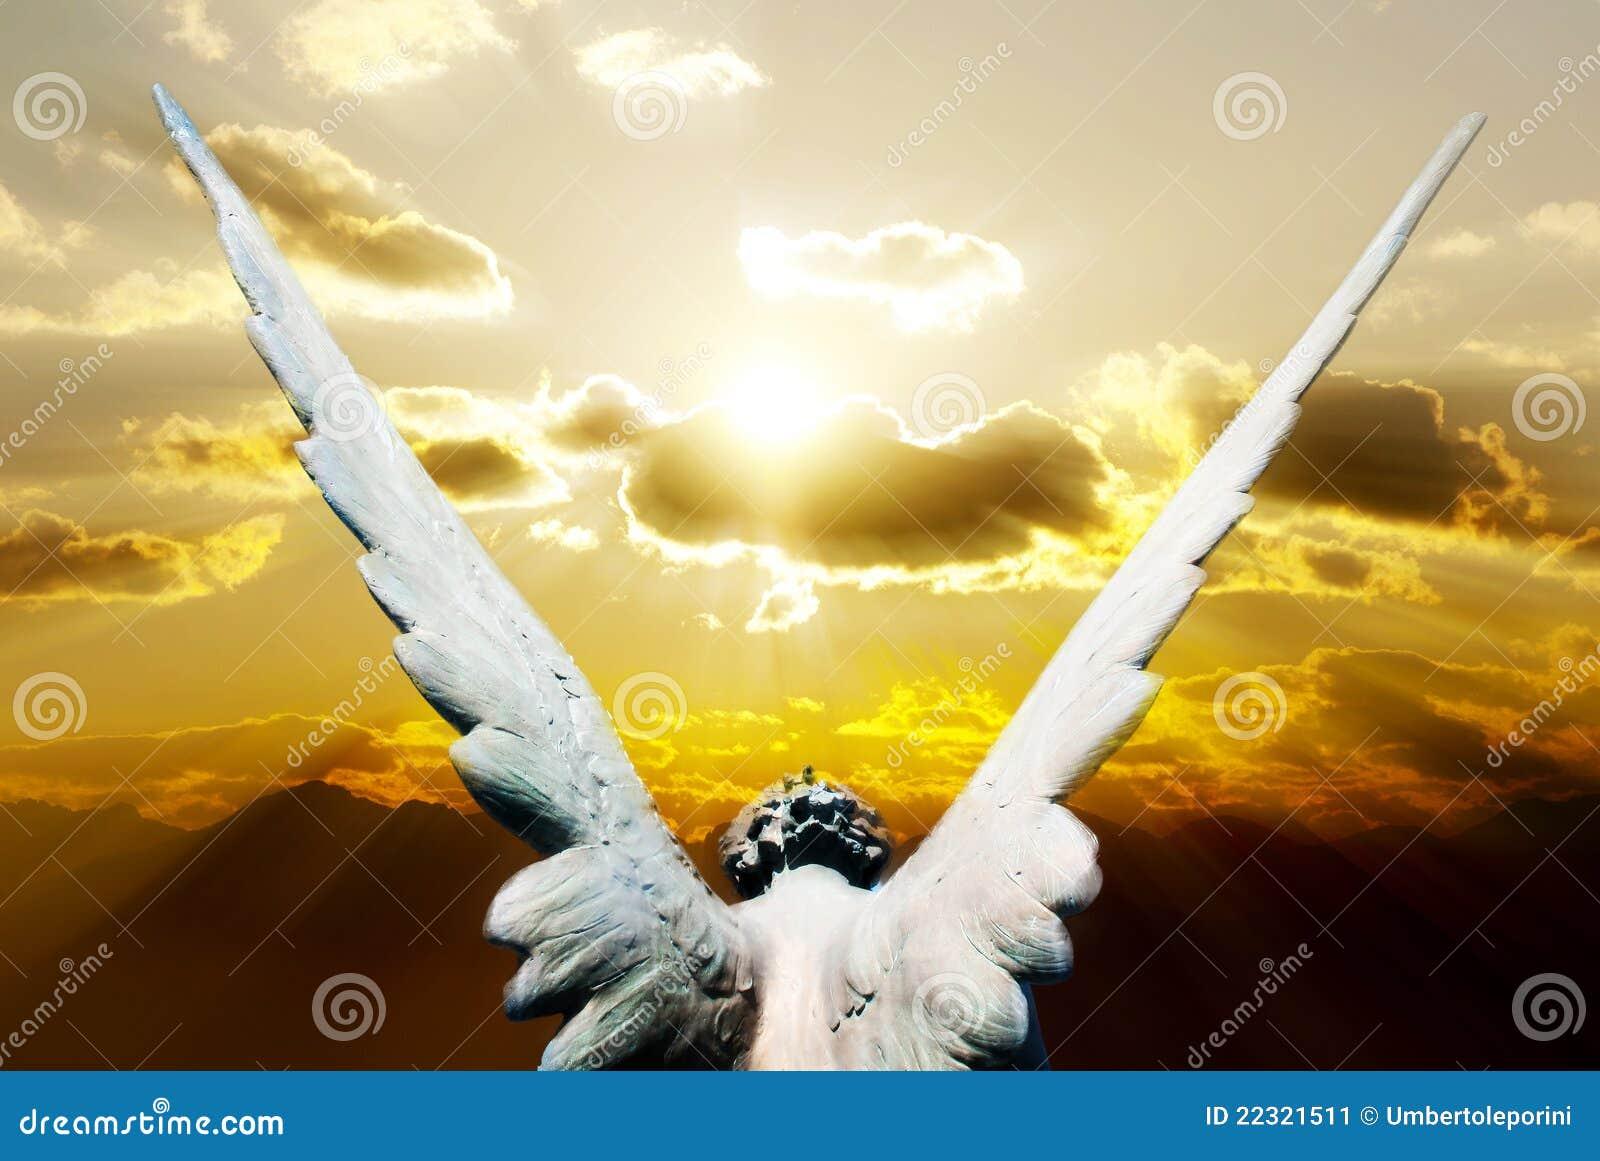 De engel van de komst